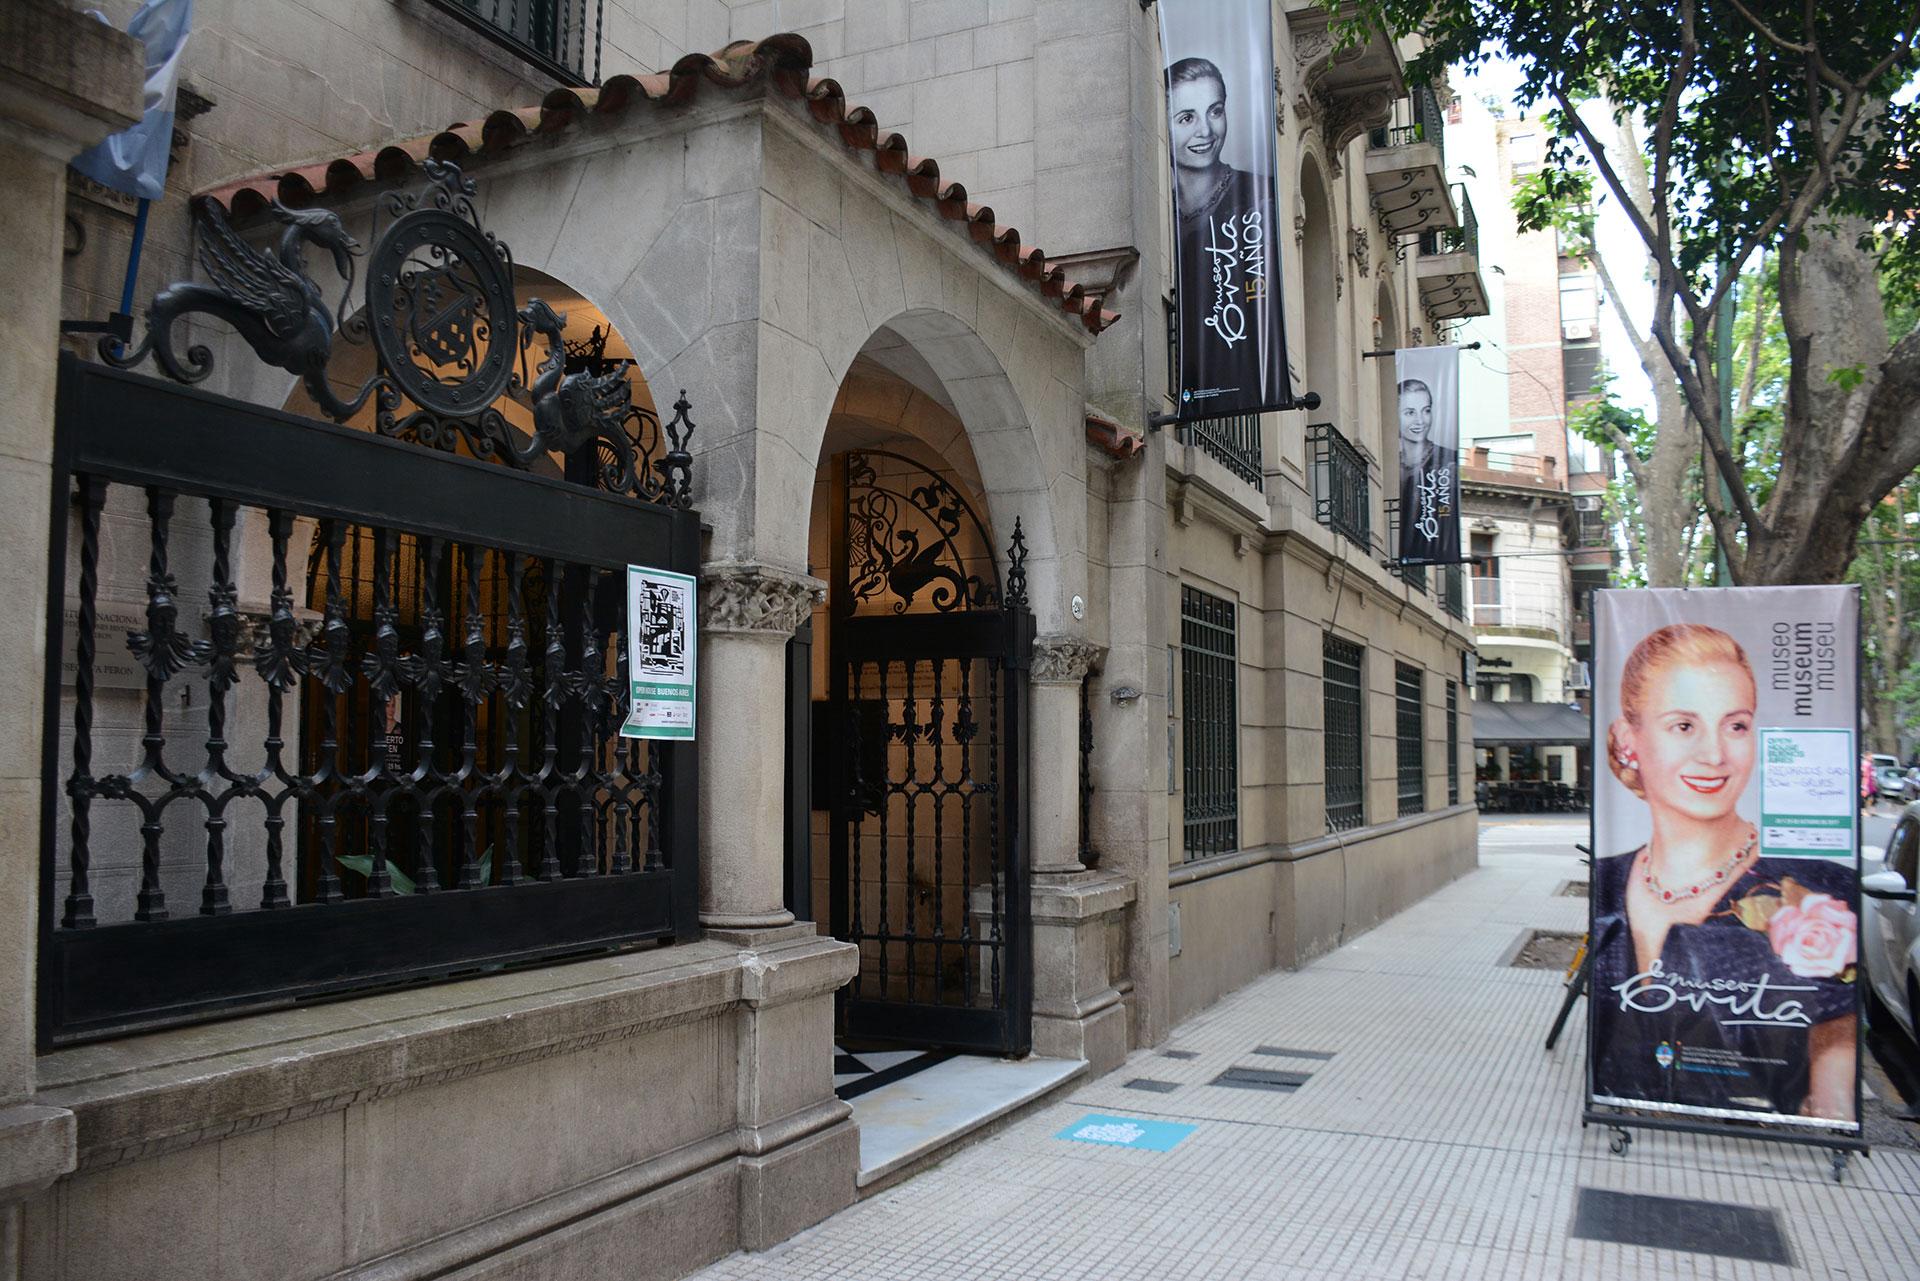 MUSEO EVITA. La casa que es sede del Instituto Nacional de Investigaciones Históricas Eva Perón-Museo Evita fue construida a principios del siglo XX para la familia Carabassa en la esquina de Lafinur y Juan María Gutiérrez